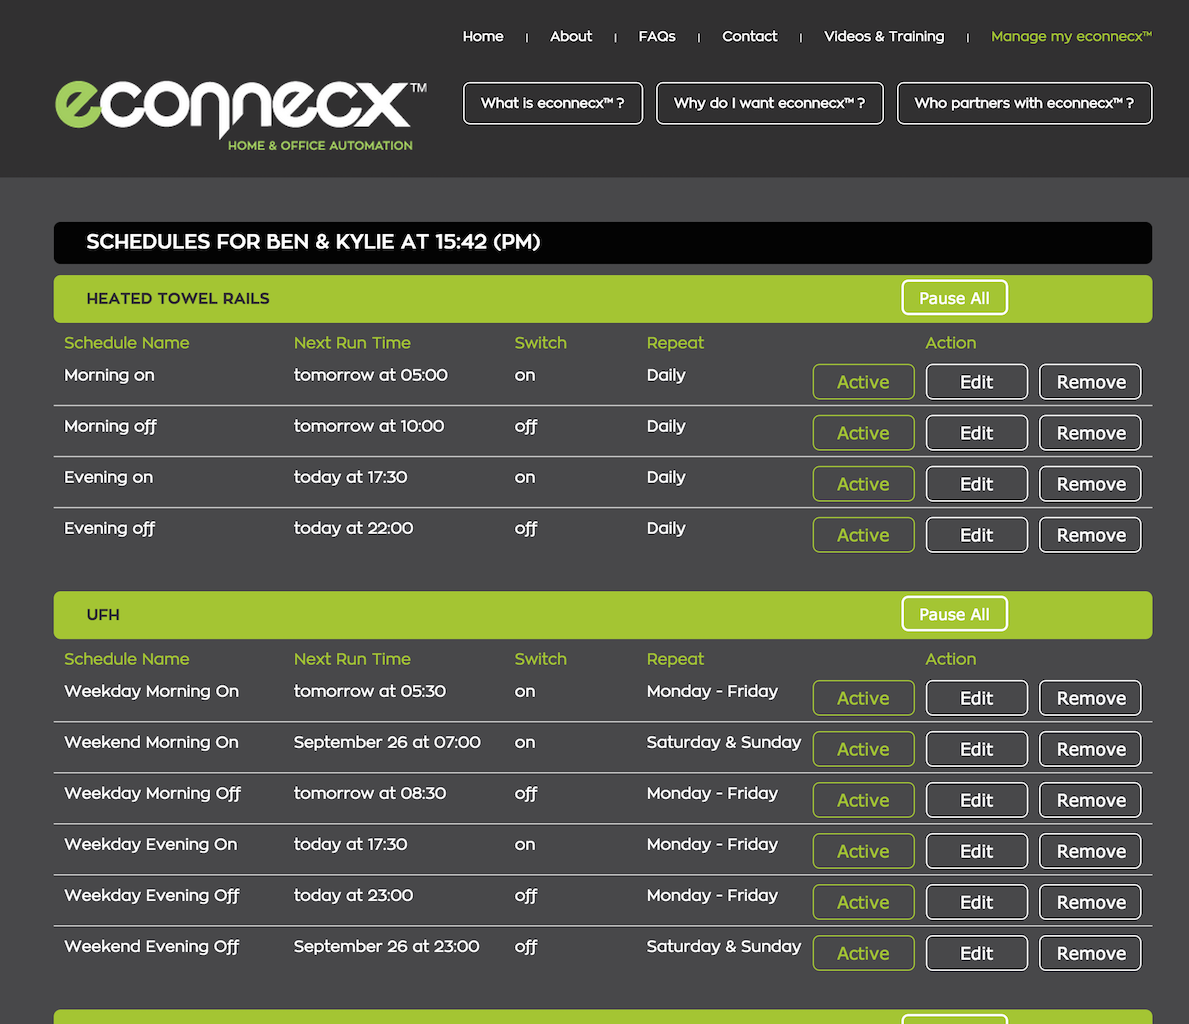 Econnecx-31